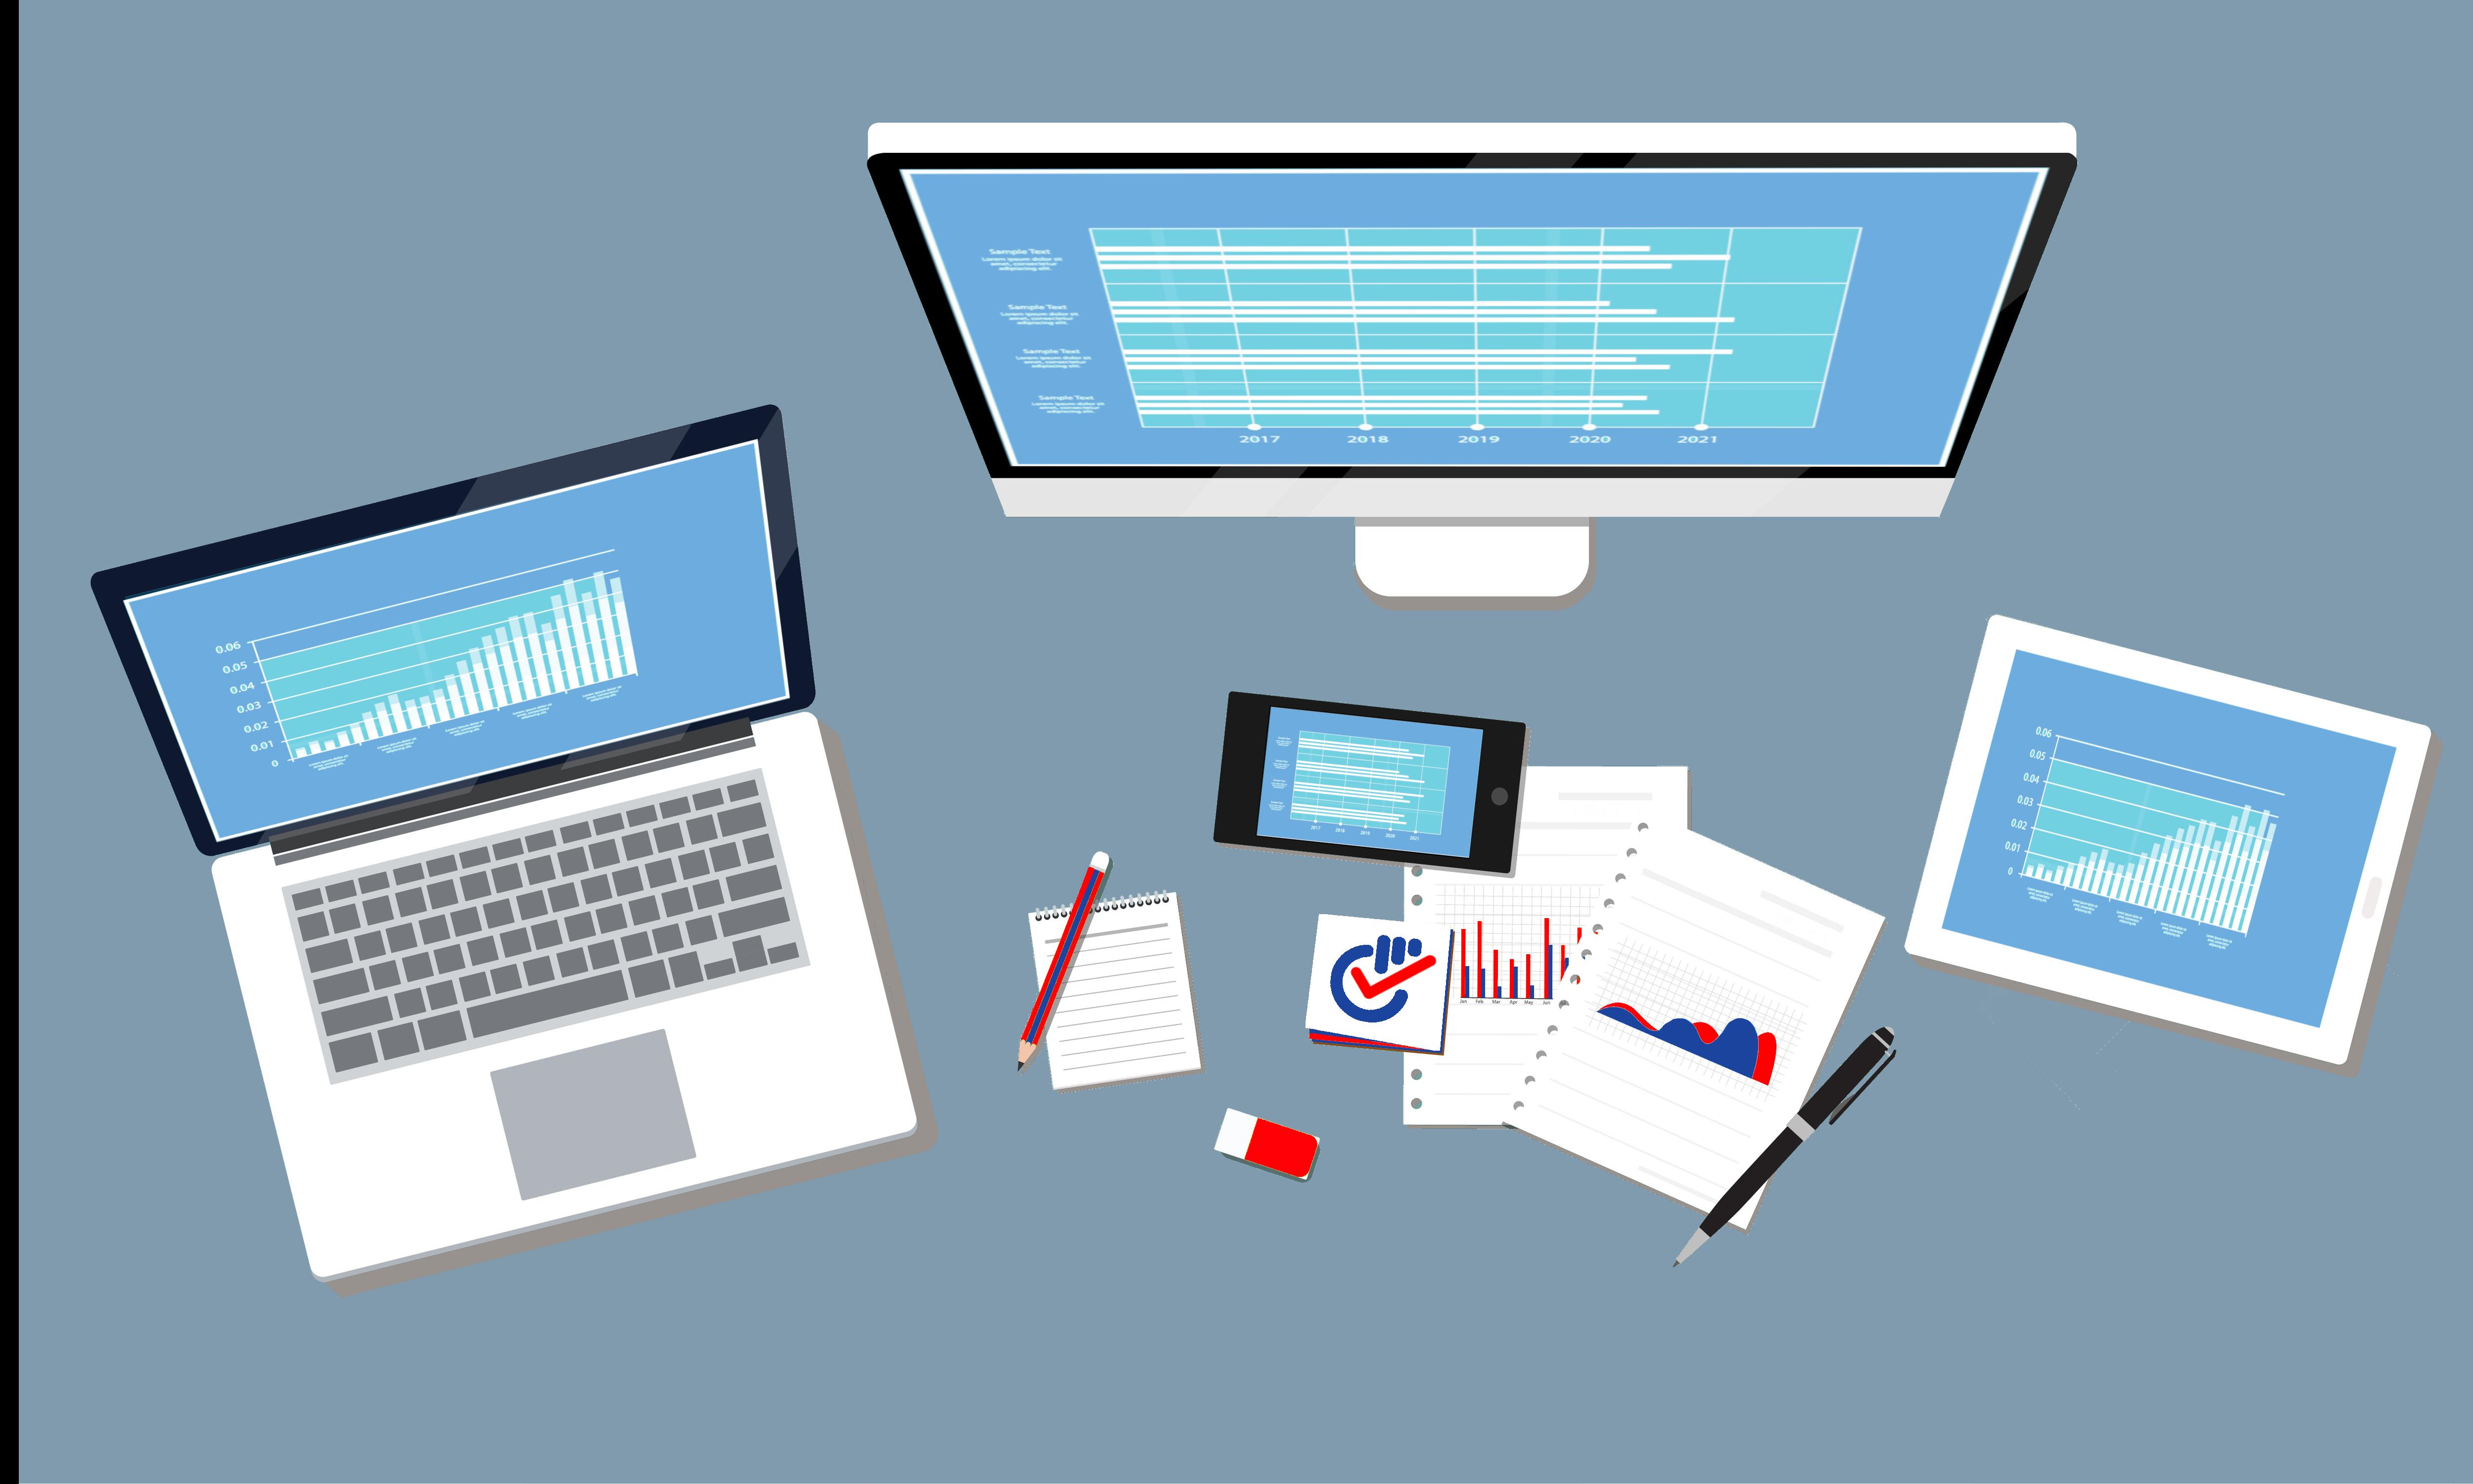 un pc portatile uno schermo desktop un tablet uno smartphone tutti raffiguranti diagrammi e grafici. alcuni fogli sparsi al centro